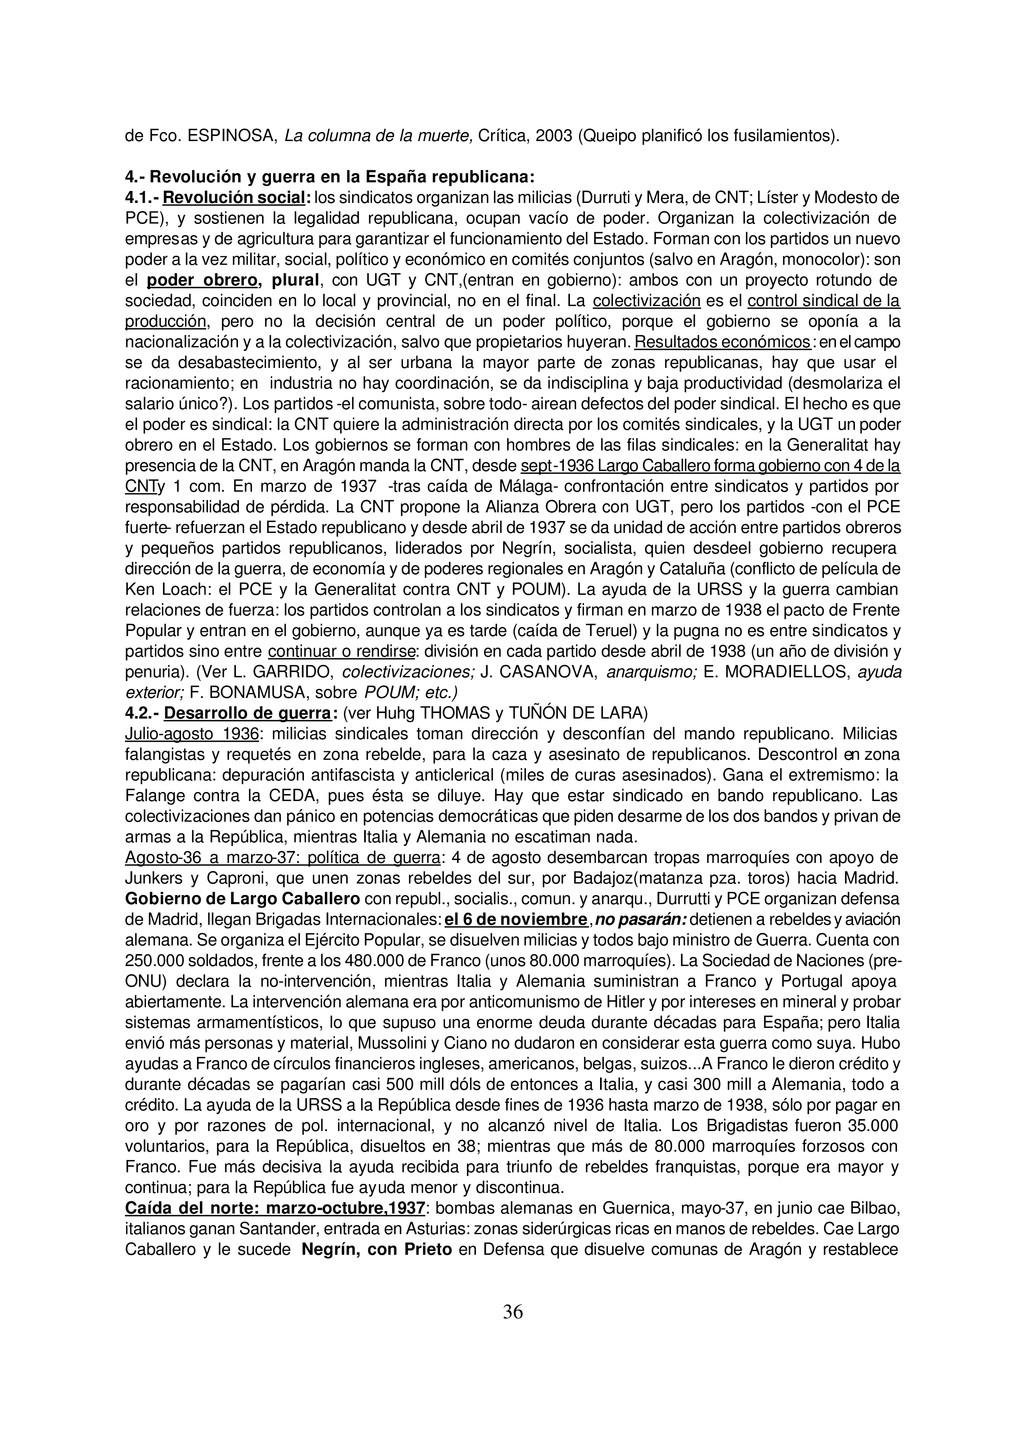 36 de Fco. ESPINOSA, La columna de la muerte, C...